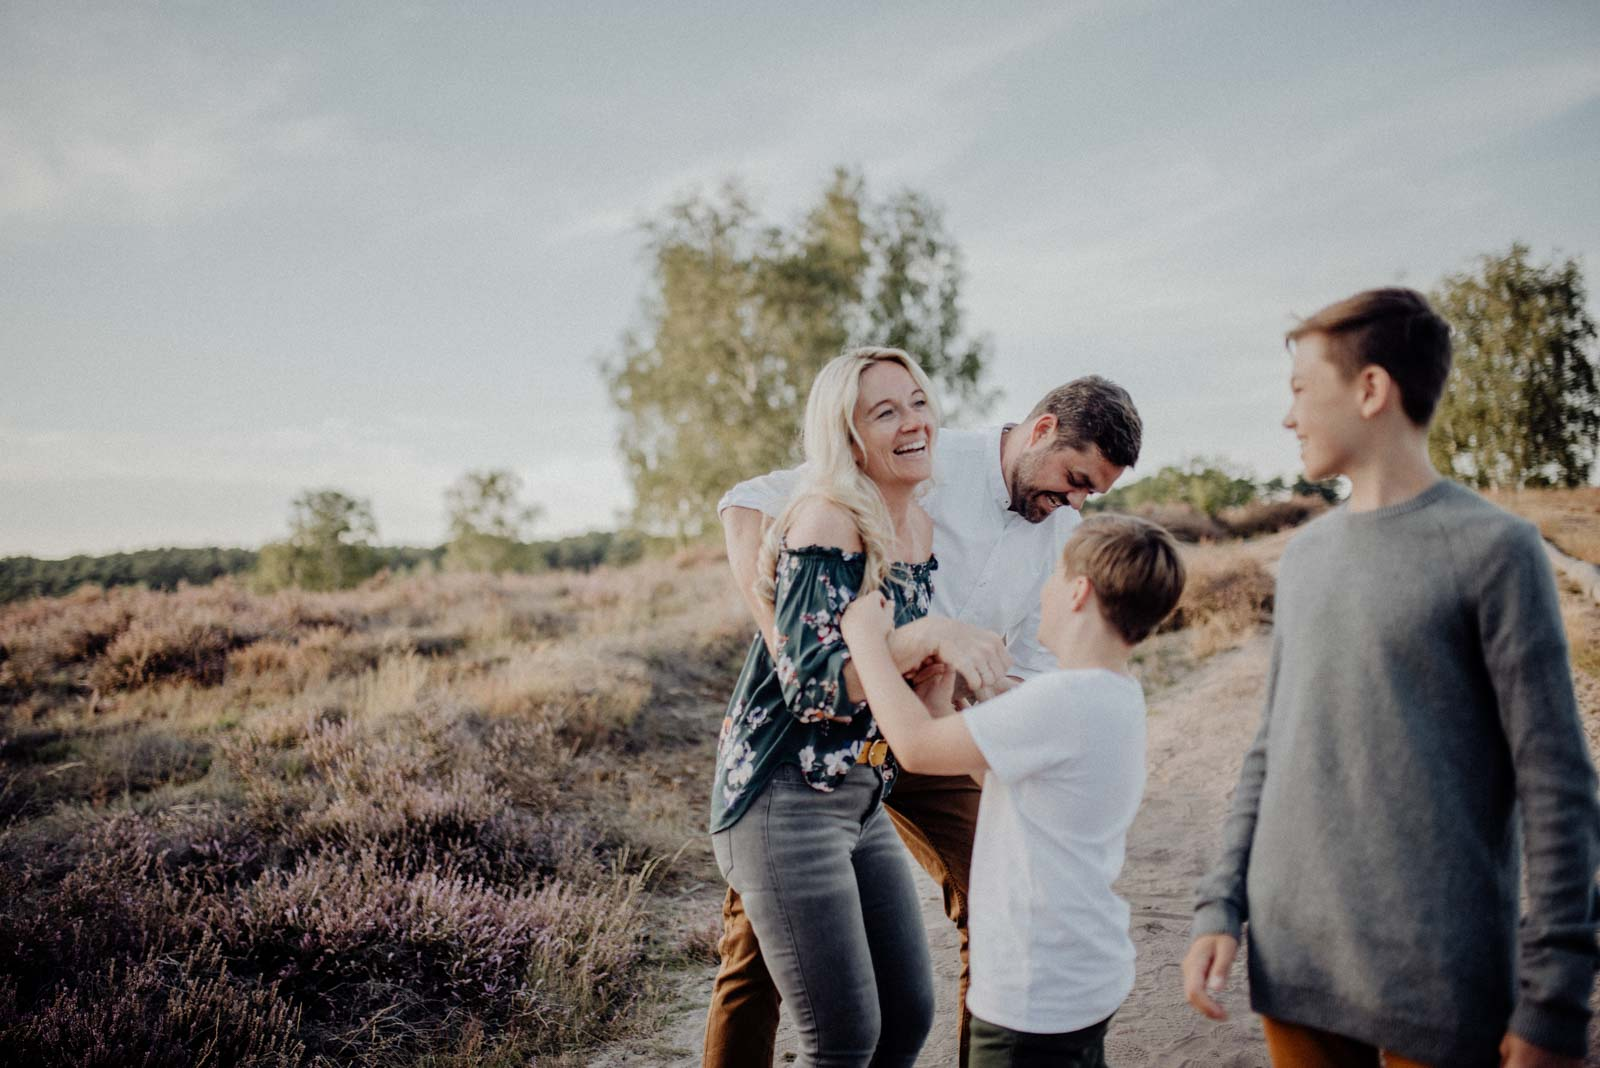 027-Familienfotos-Familienreportage-Heideshooting-natürlich-Heide